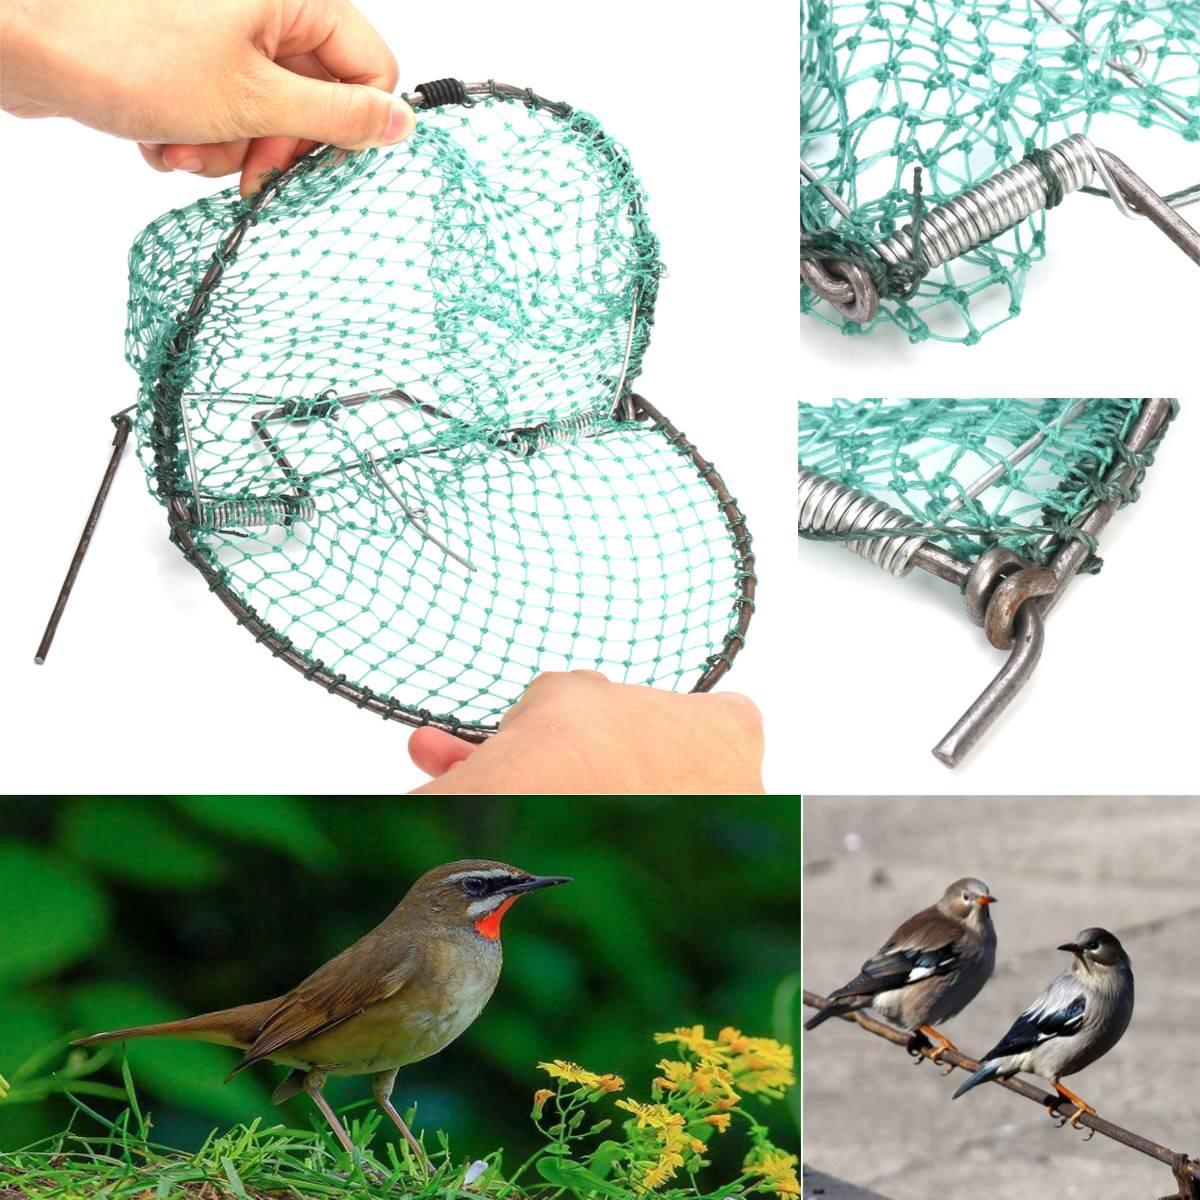 20cm resistente rede de aves eficaz humano ao vivo armadilha de caça sensível codorniz humano caça caça jardim suprimentos controle pragas